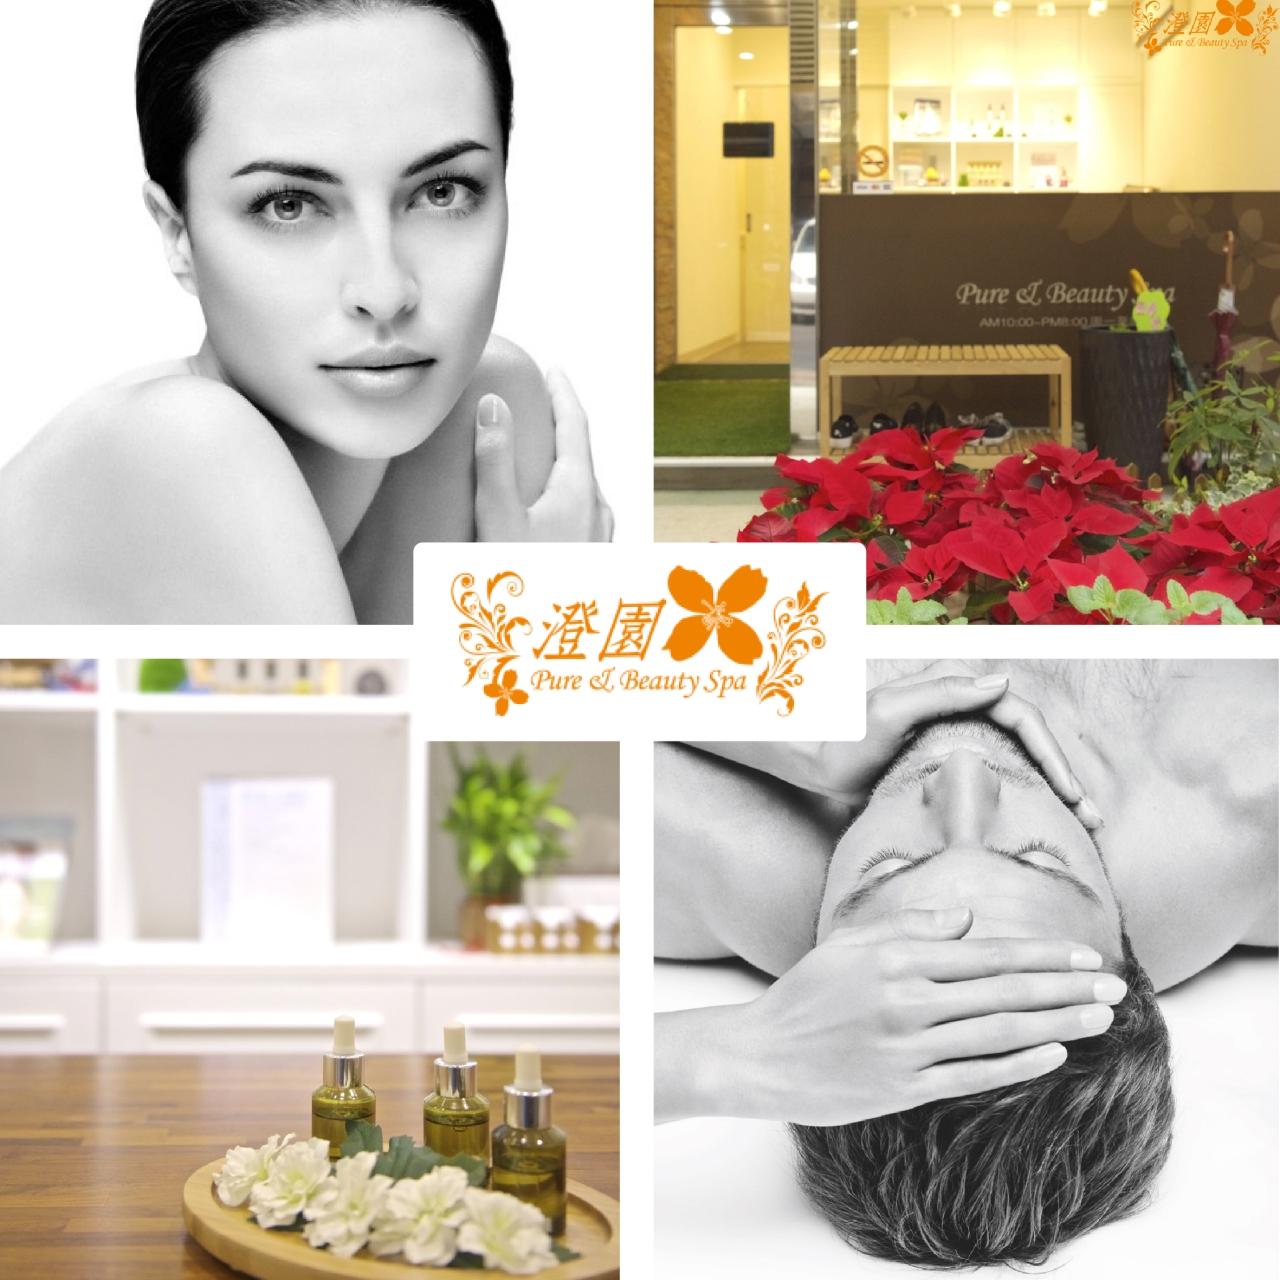 澄園Pure & Beauty Spa-能量五行暖油護理(手技時間100分)